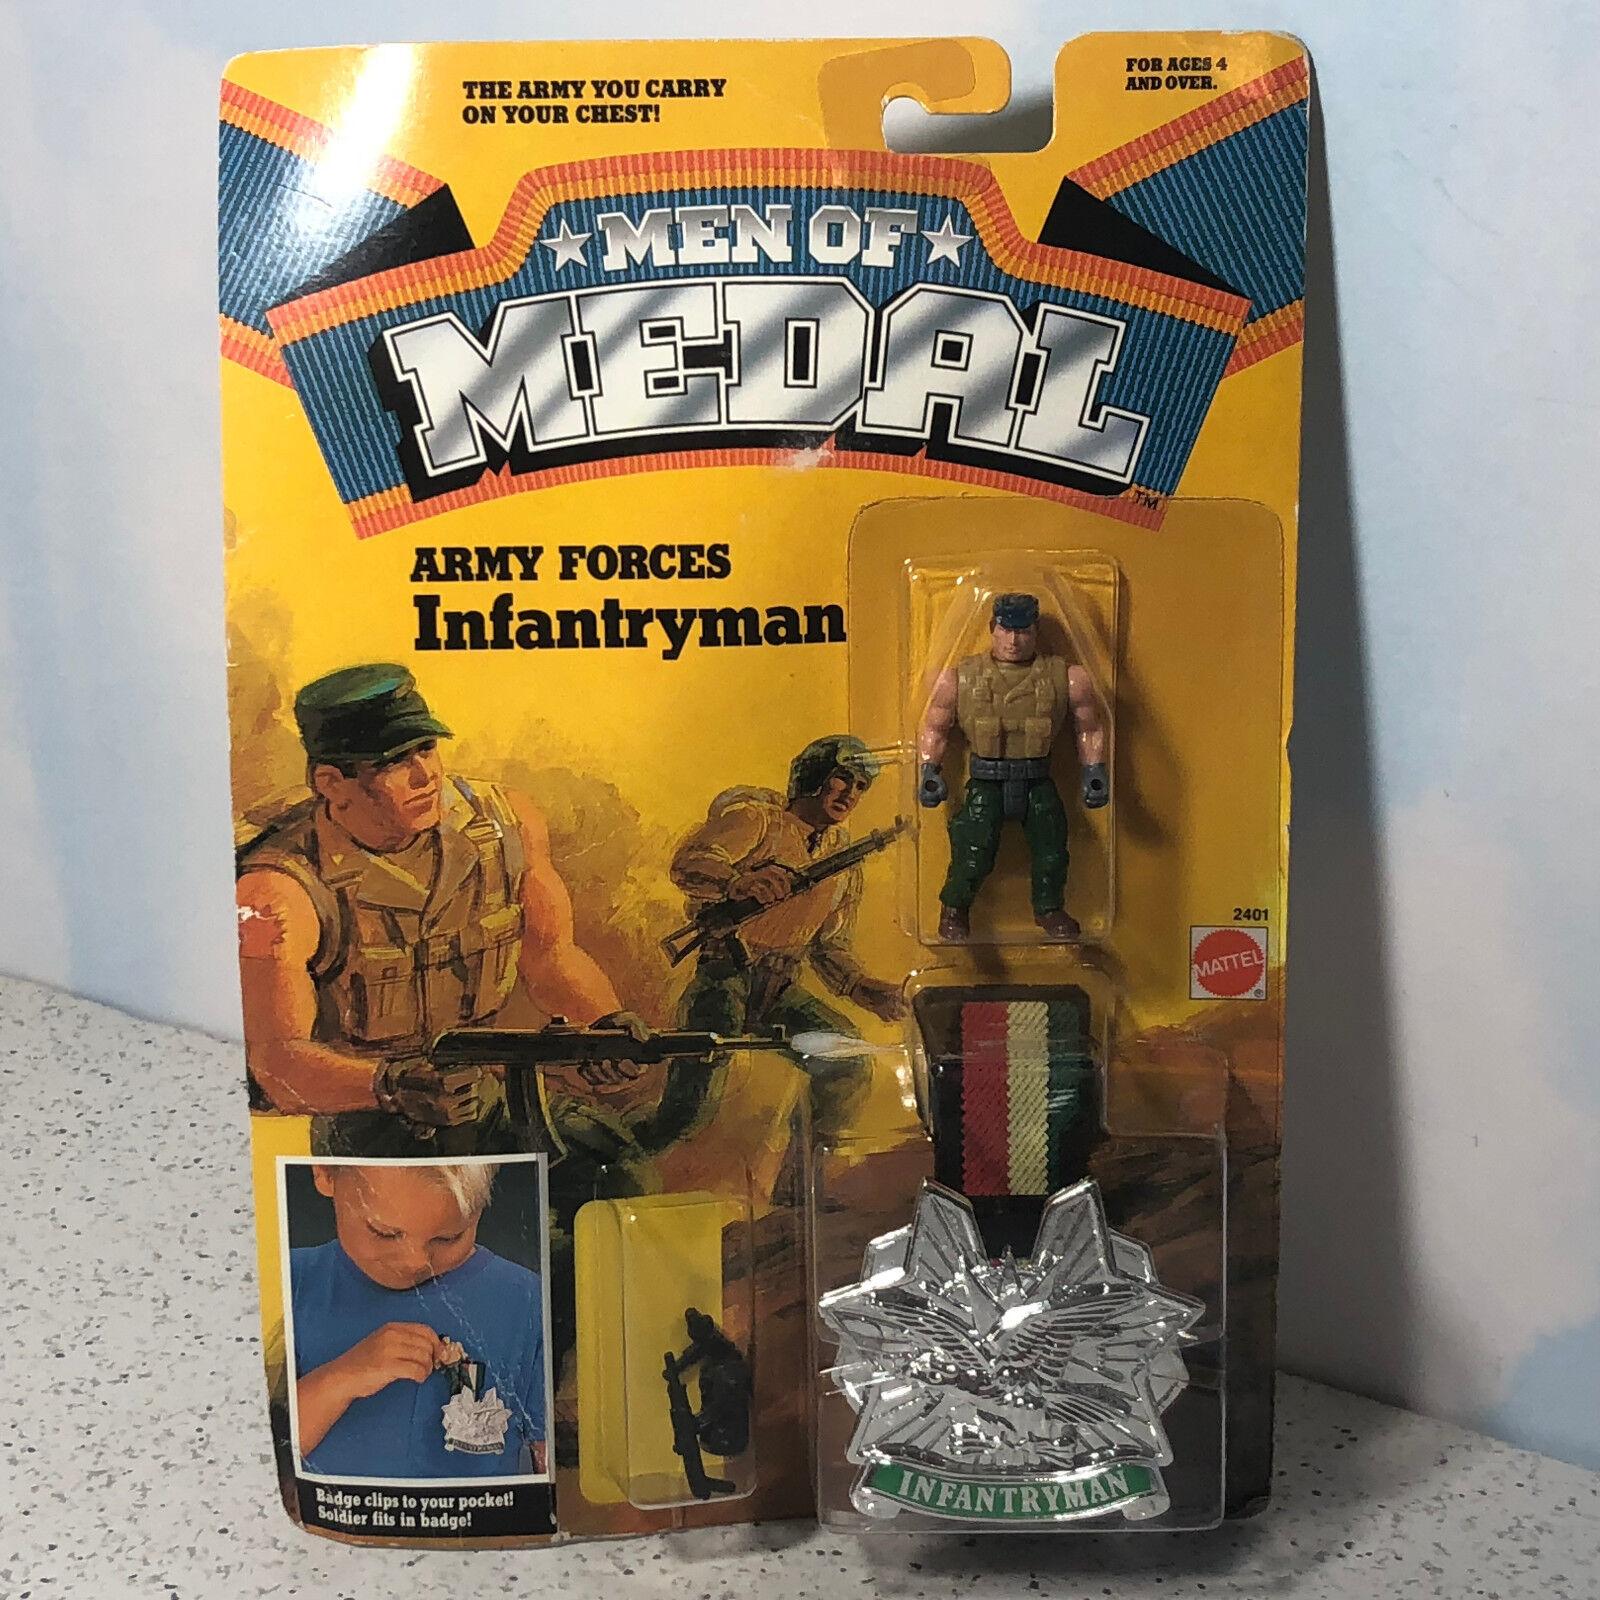 1988 MATTEL MEN OF MEDAL MOC ACTION FIGURE BADGE CLIP ON ARMY FORCES INFANTRYMAN